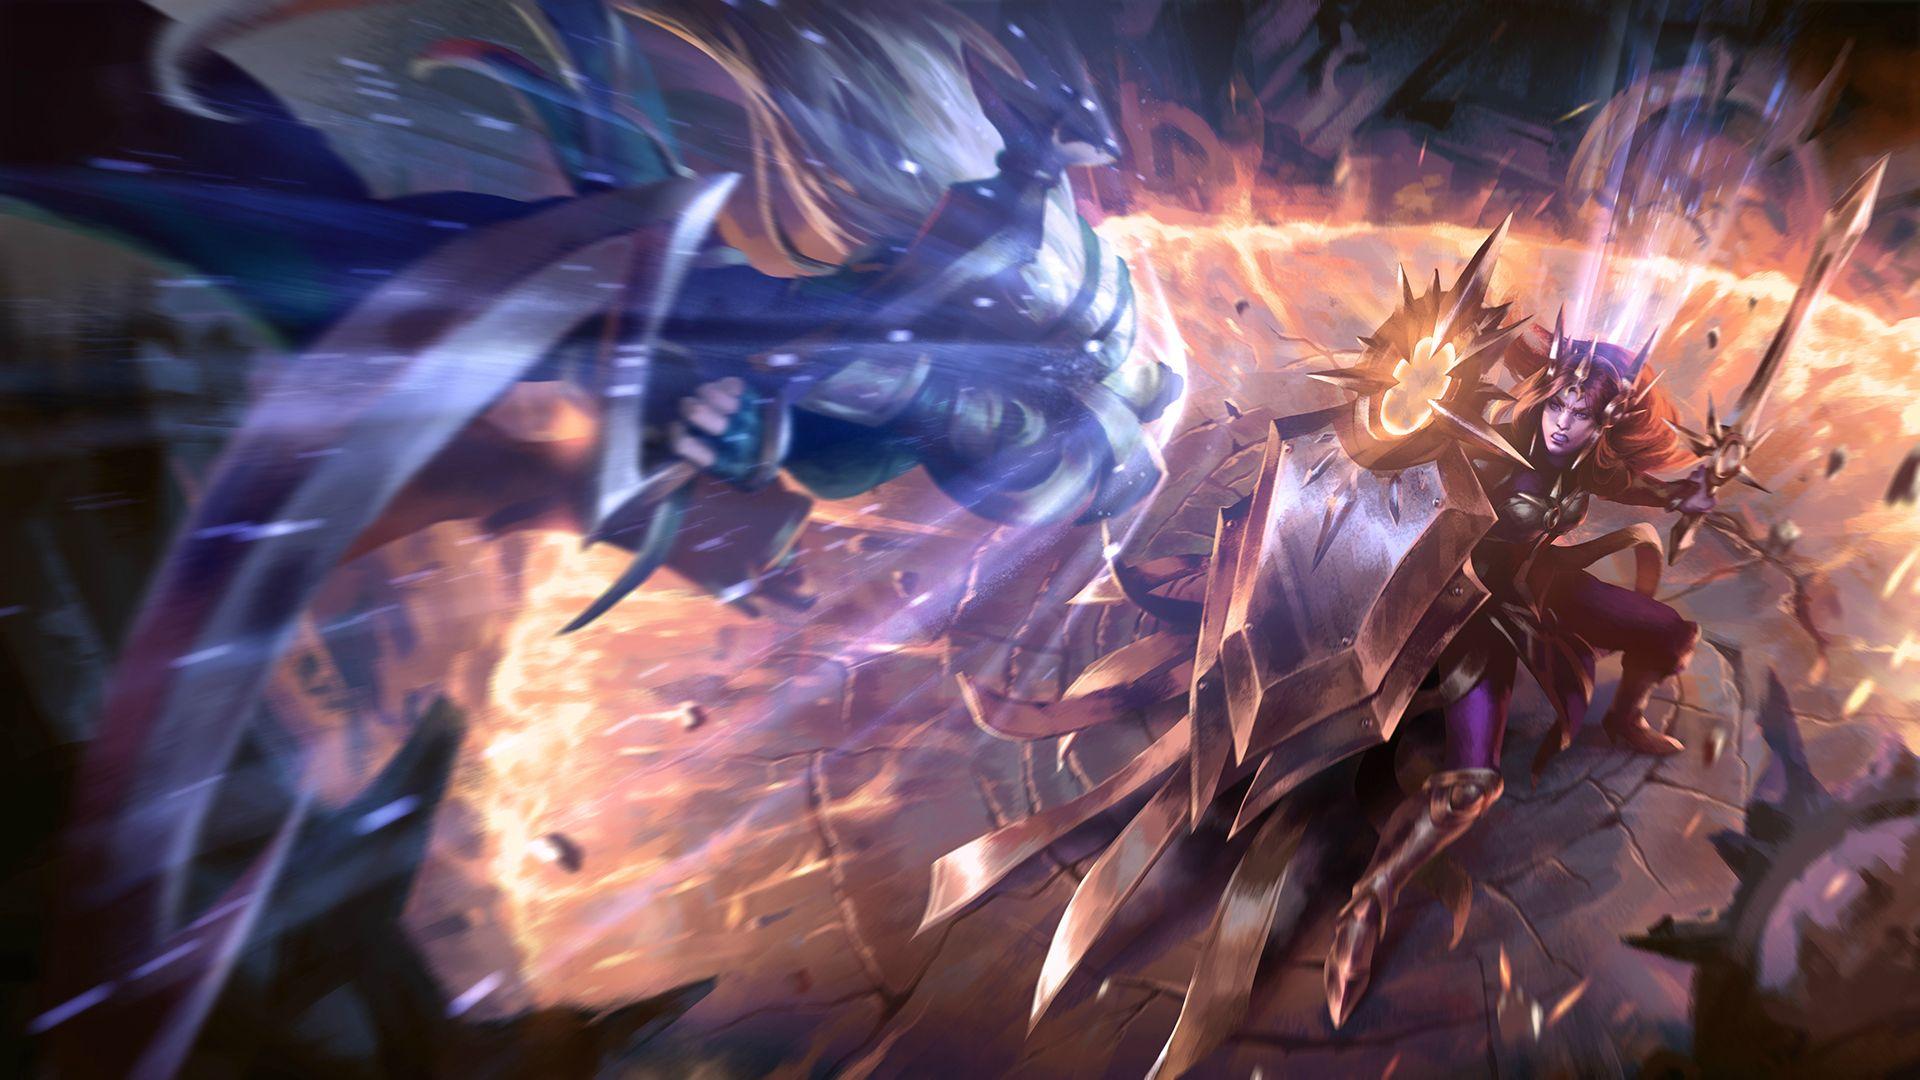 Diana vs Leona wallpaper